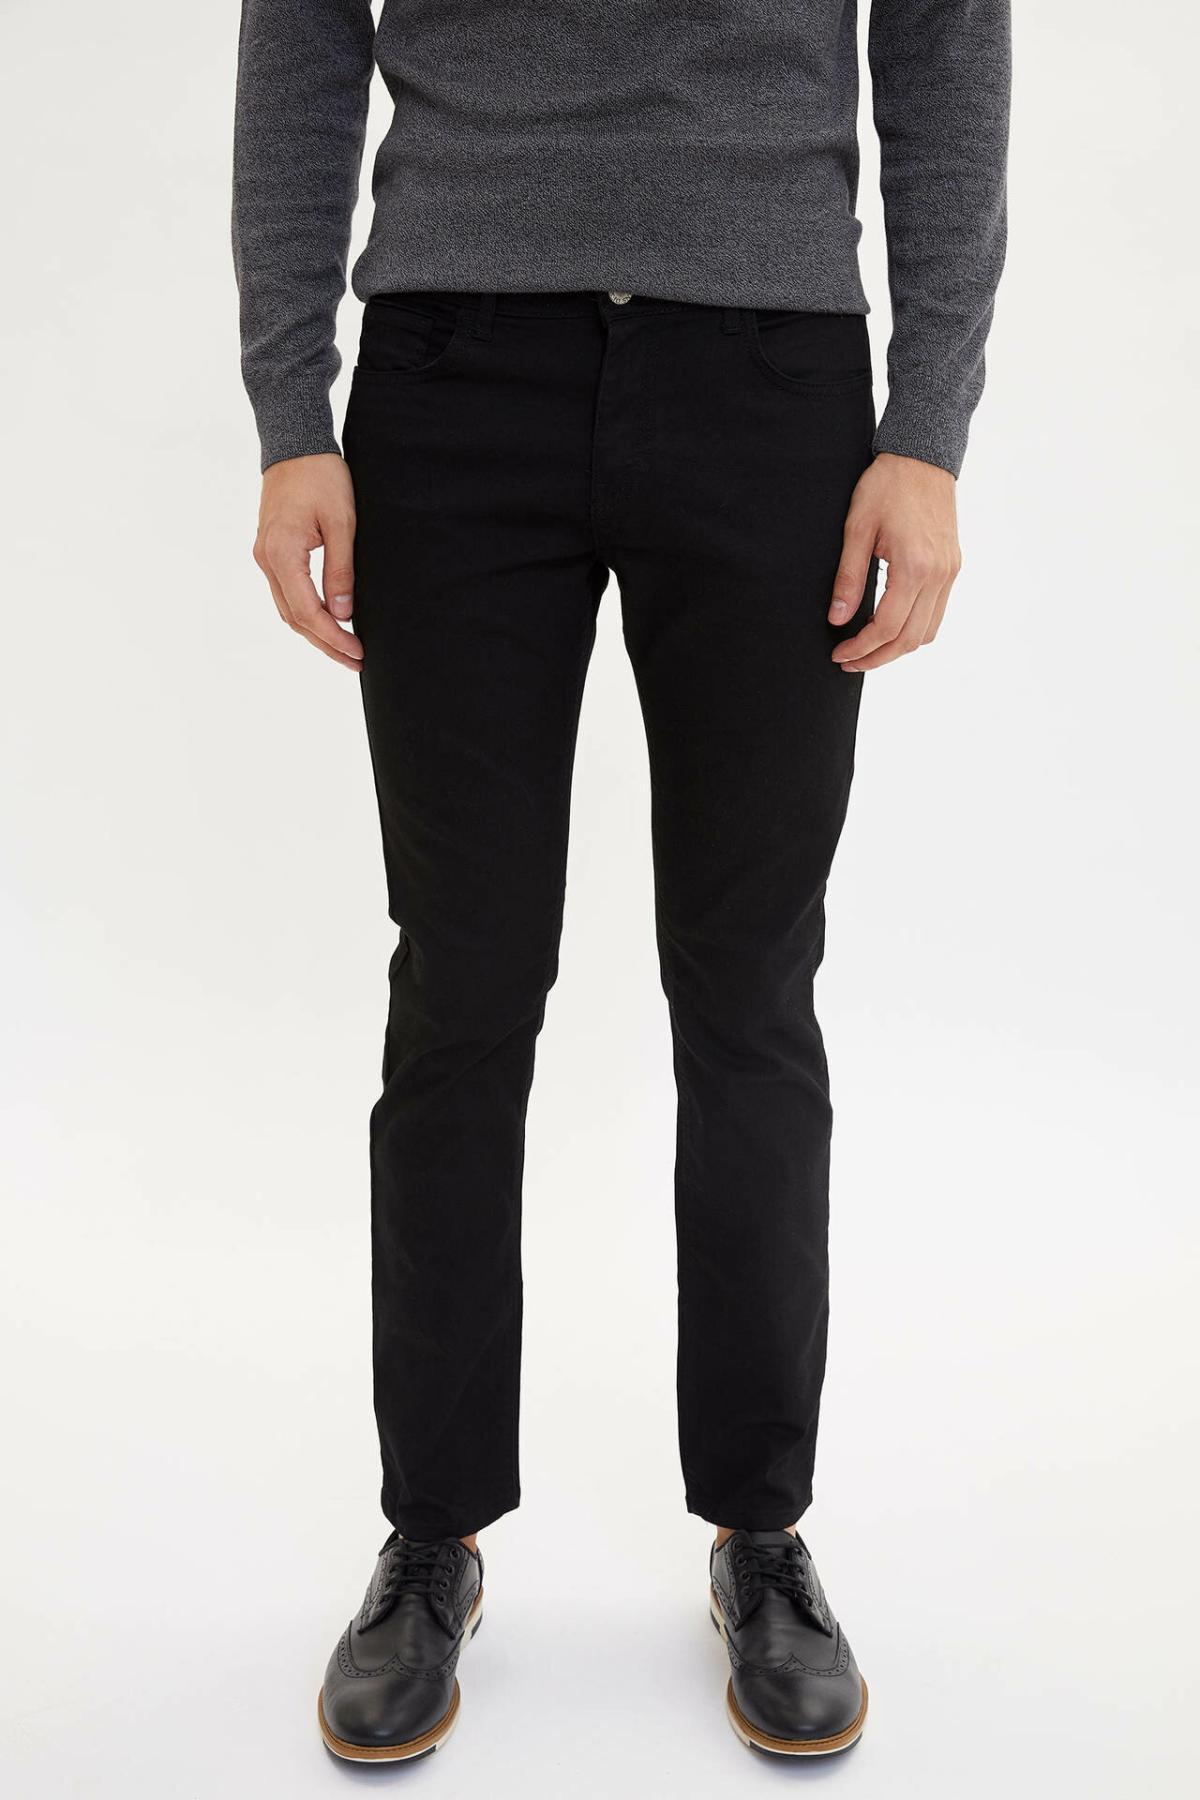 DeFacto Man Autumn Black Denim Jeans Men Casual Fit Slim Denim Bottoms Male Mid-waist Trousers-L6736AZ19AU